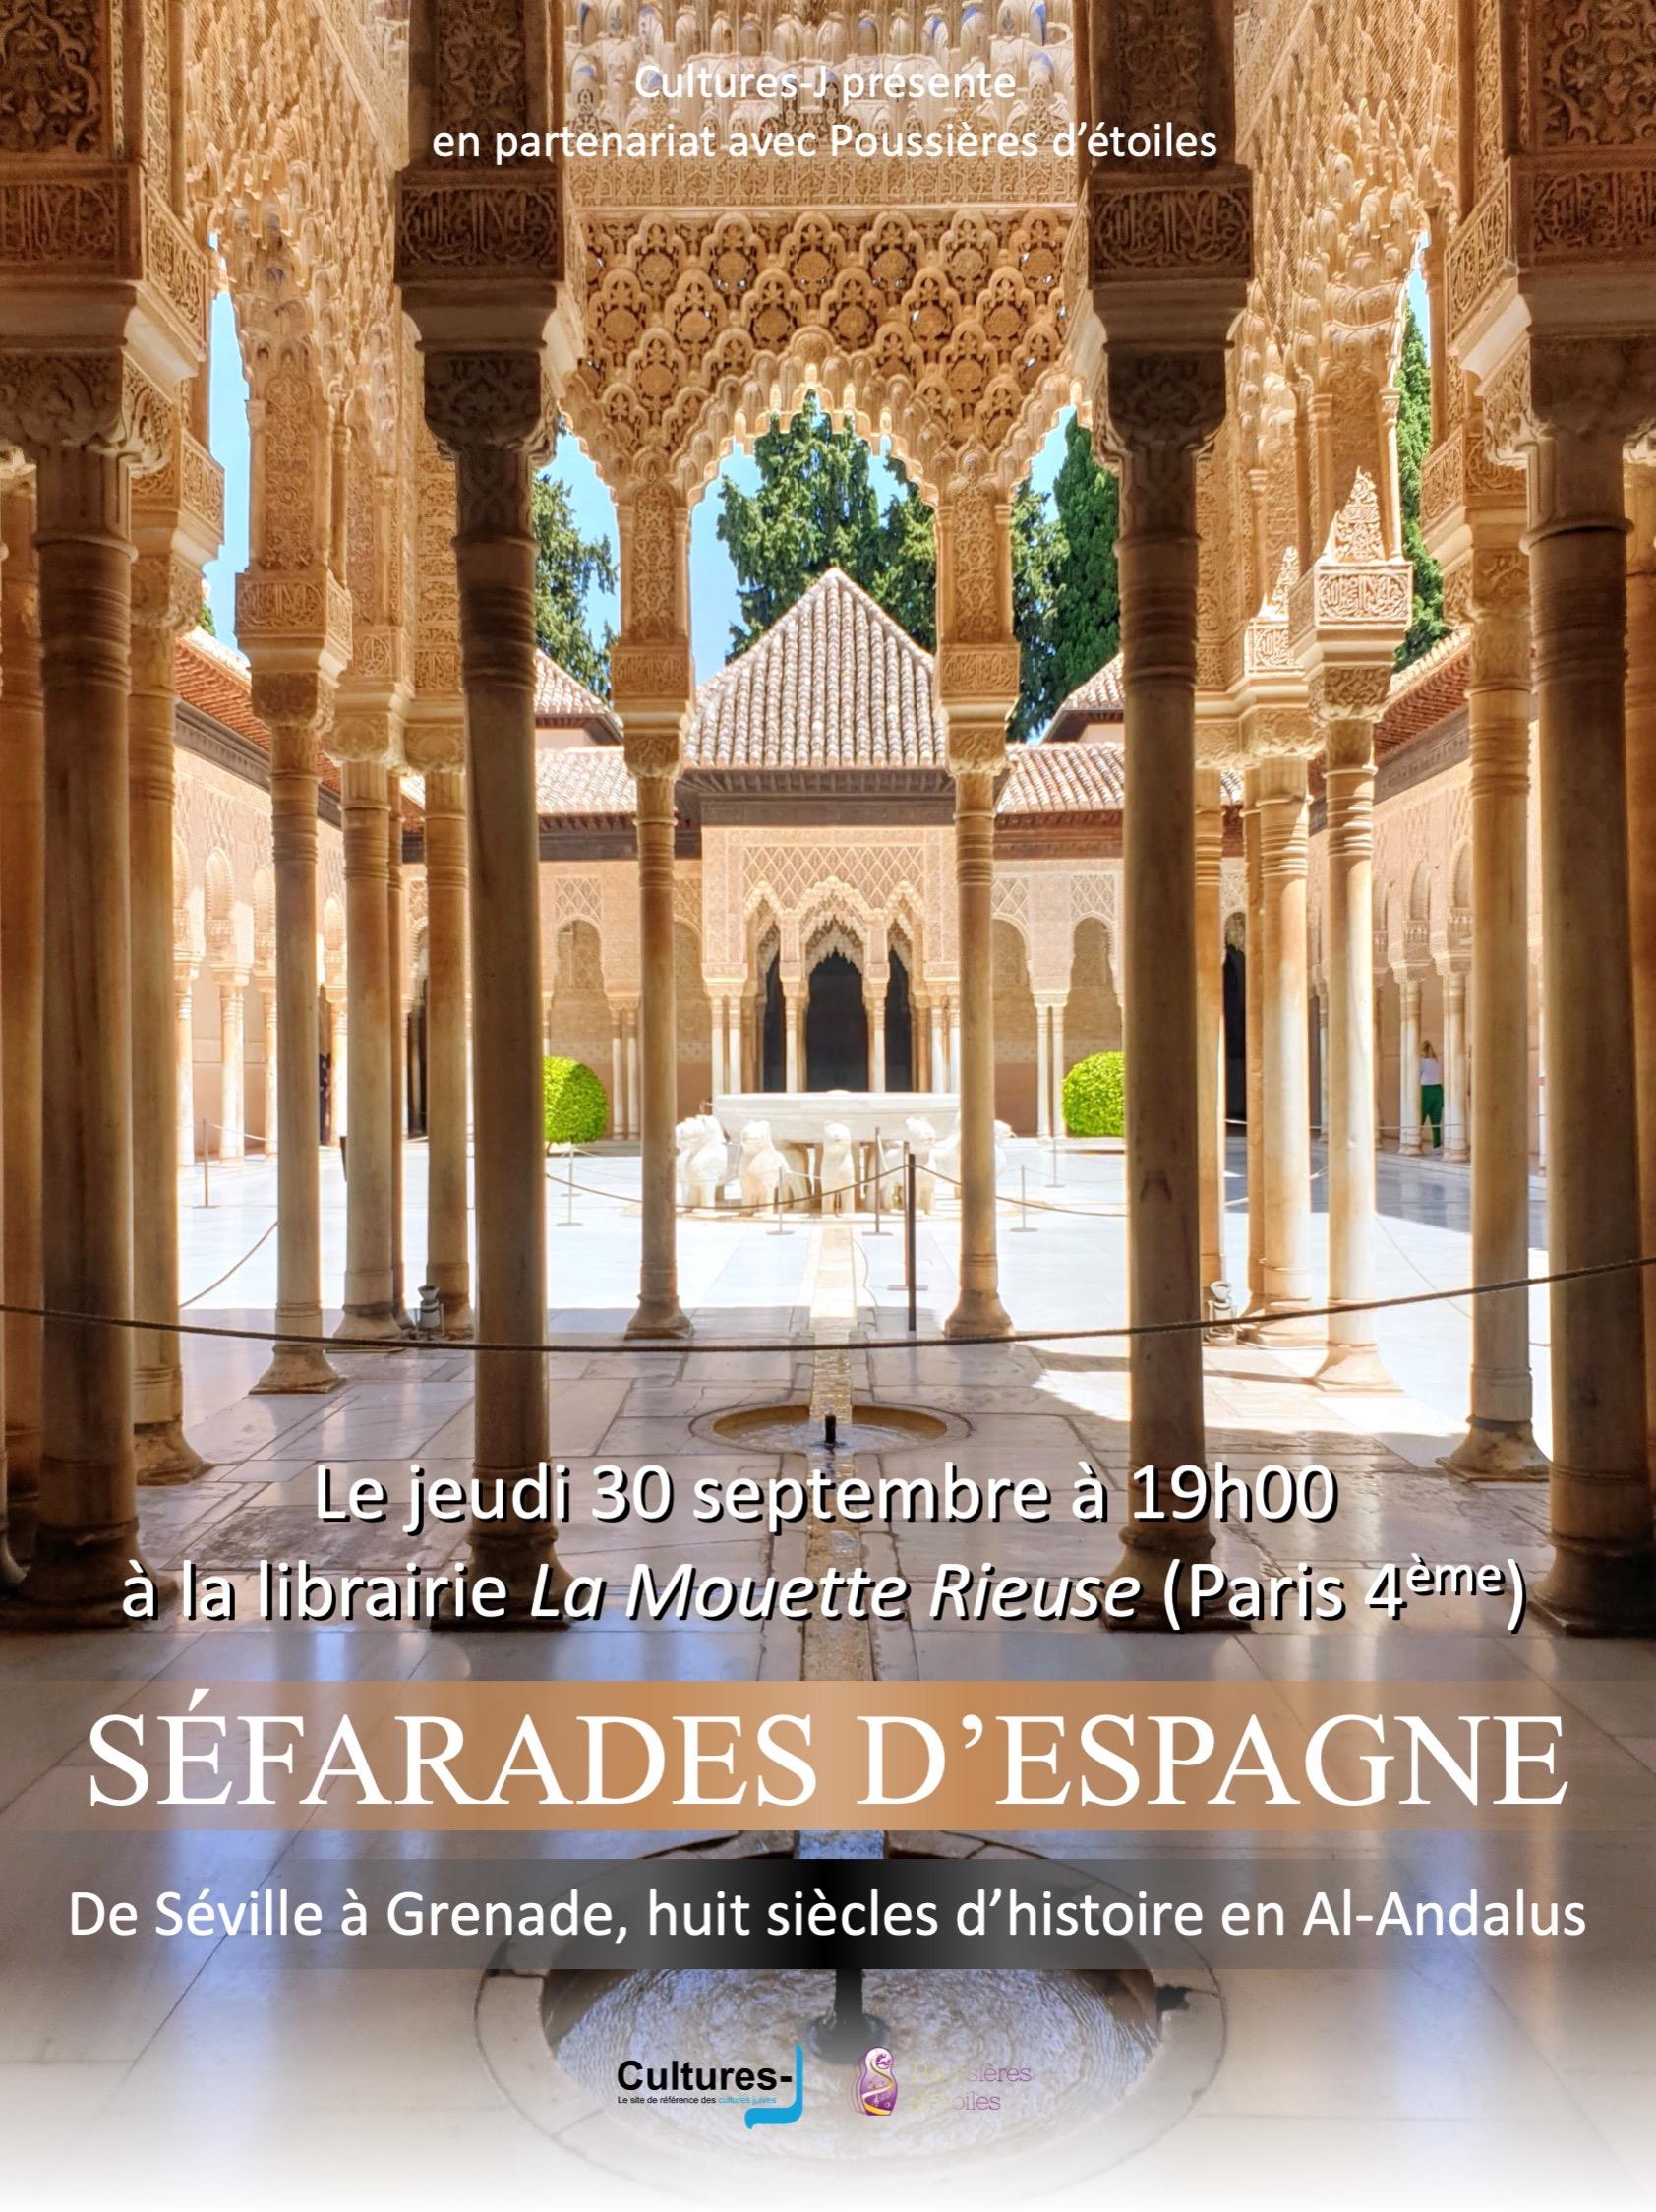 Les séfarades d'Espagne. De Séville à Grenade, huit siècles d'histoire en al-Andalus